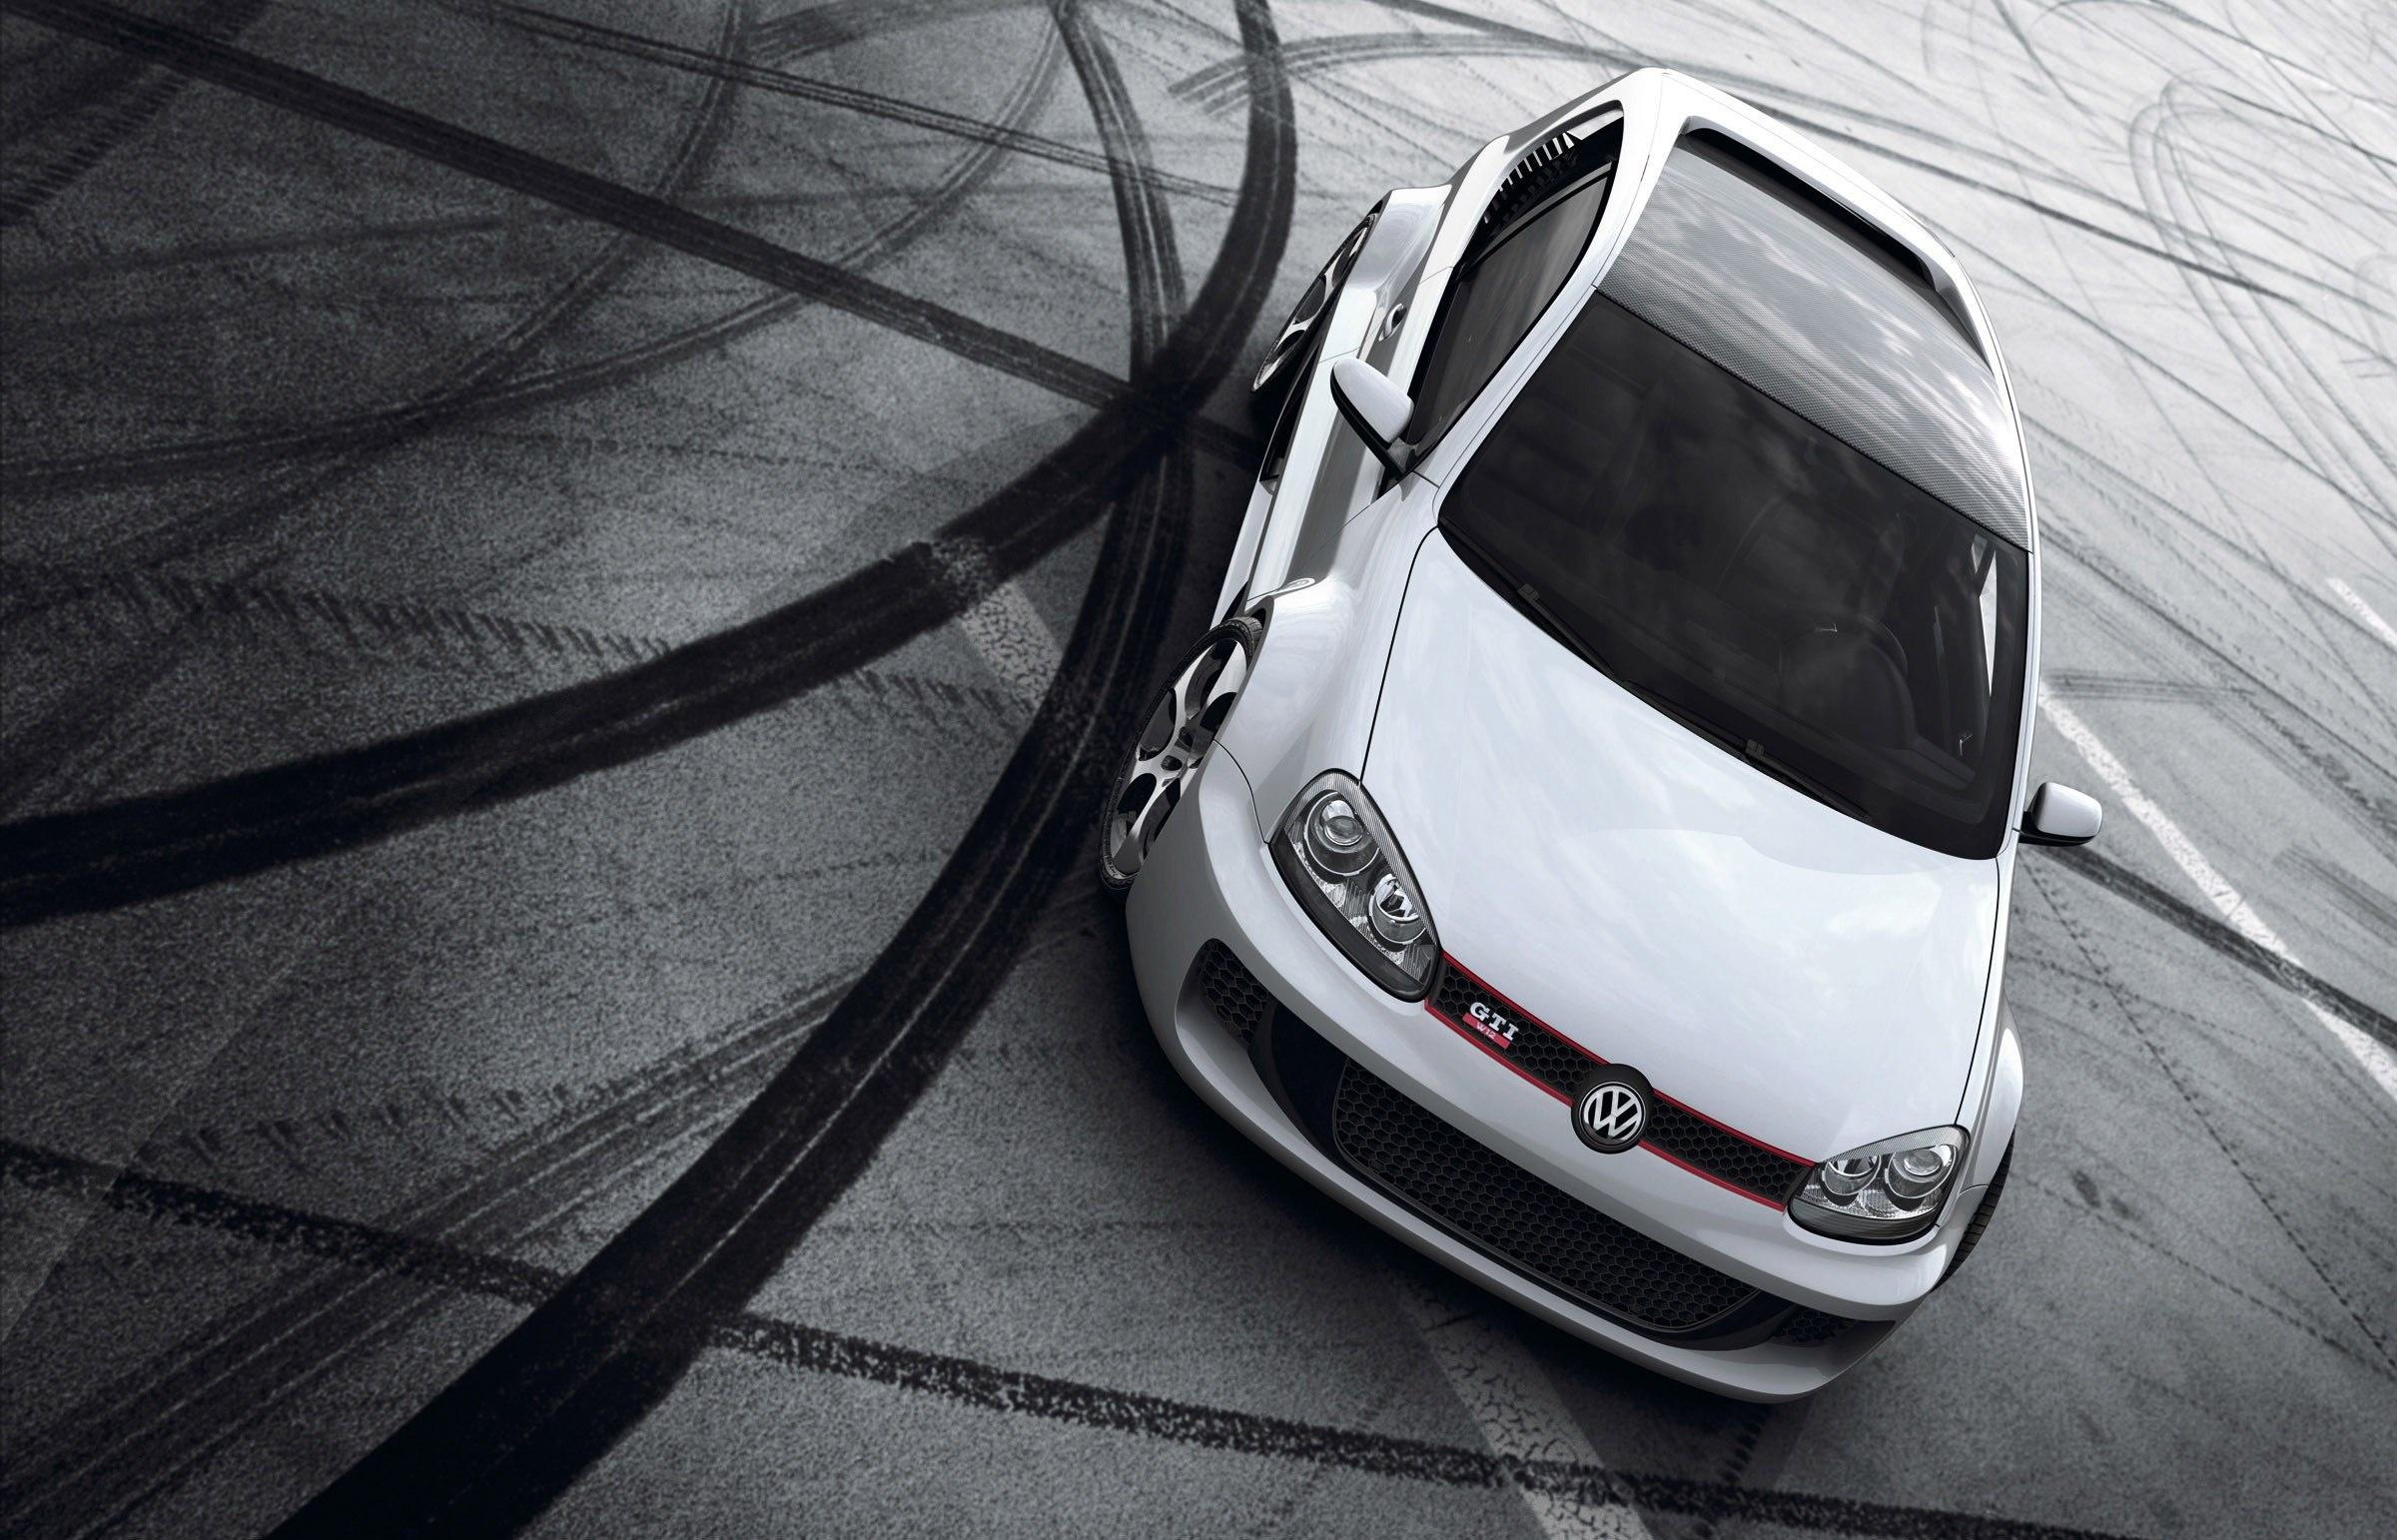 Volkswagen Golf Gti Fondo De Pantalla Hd Fondo De